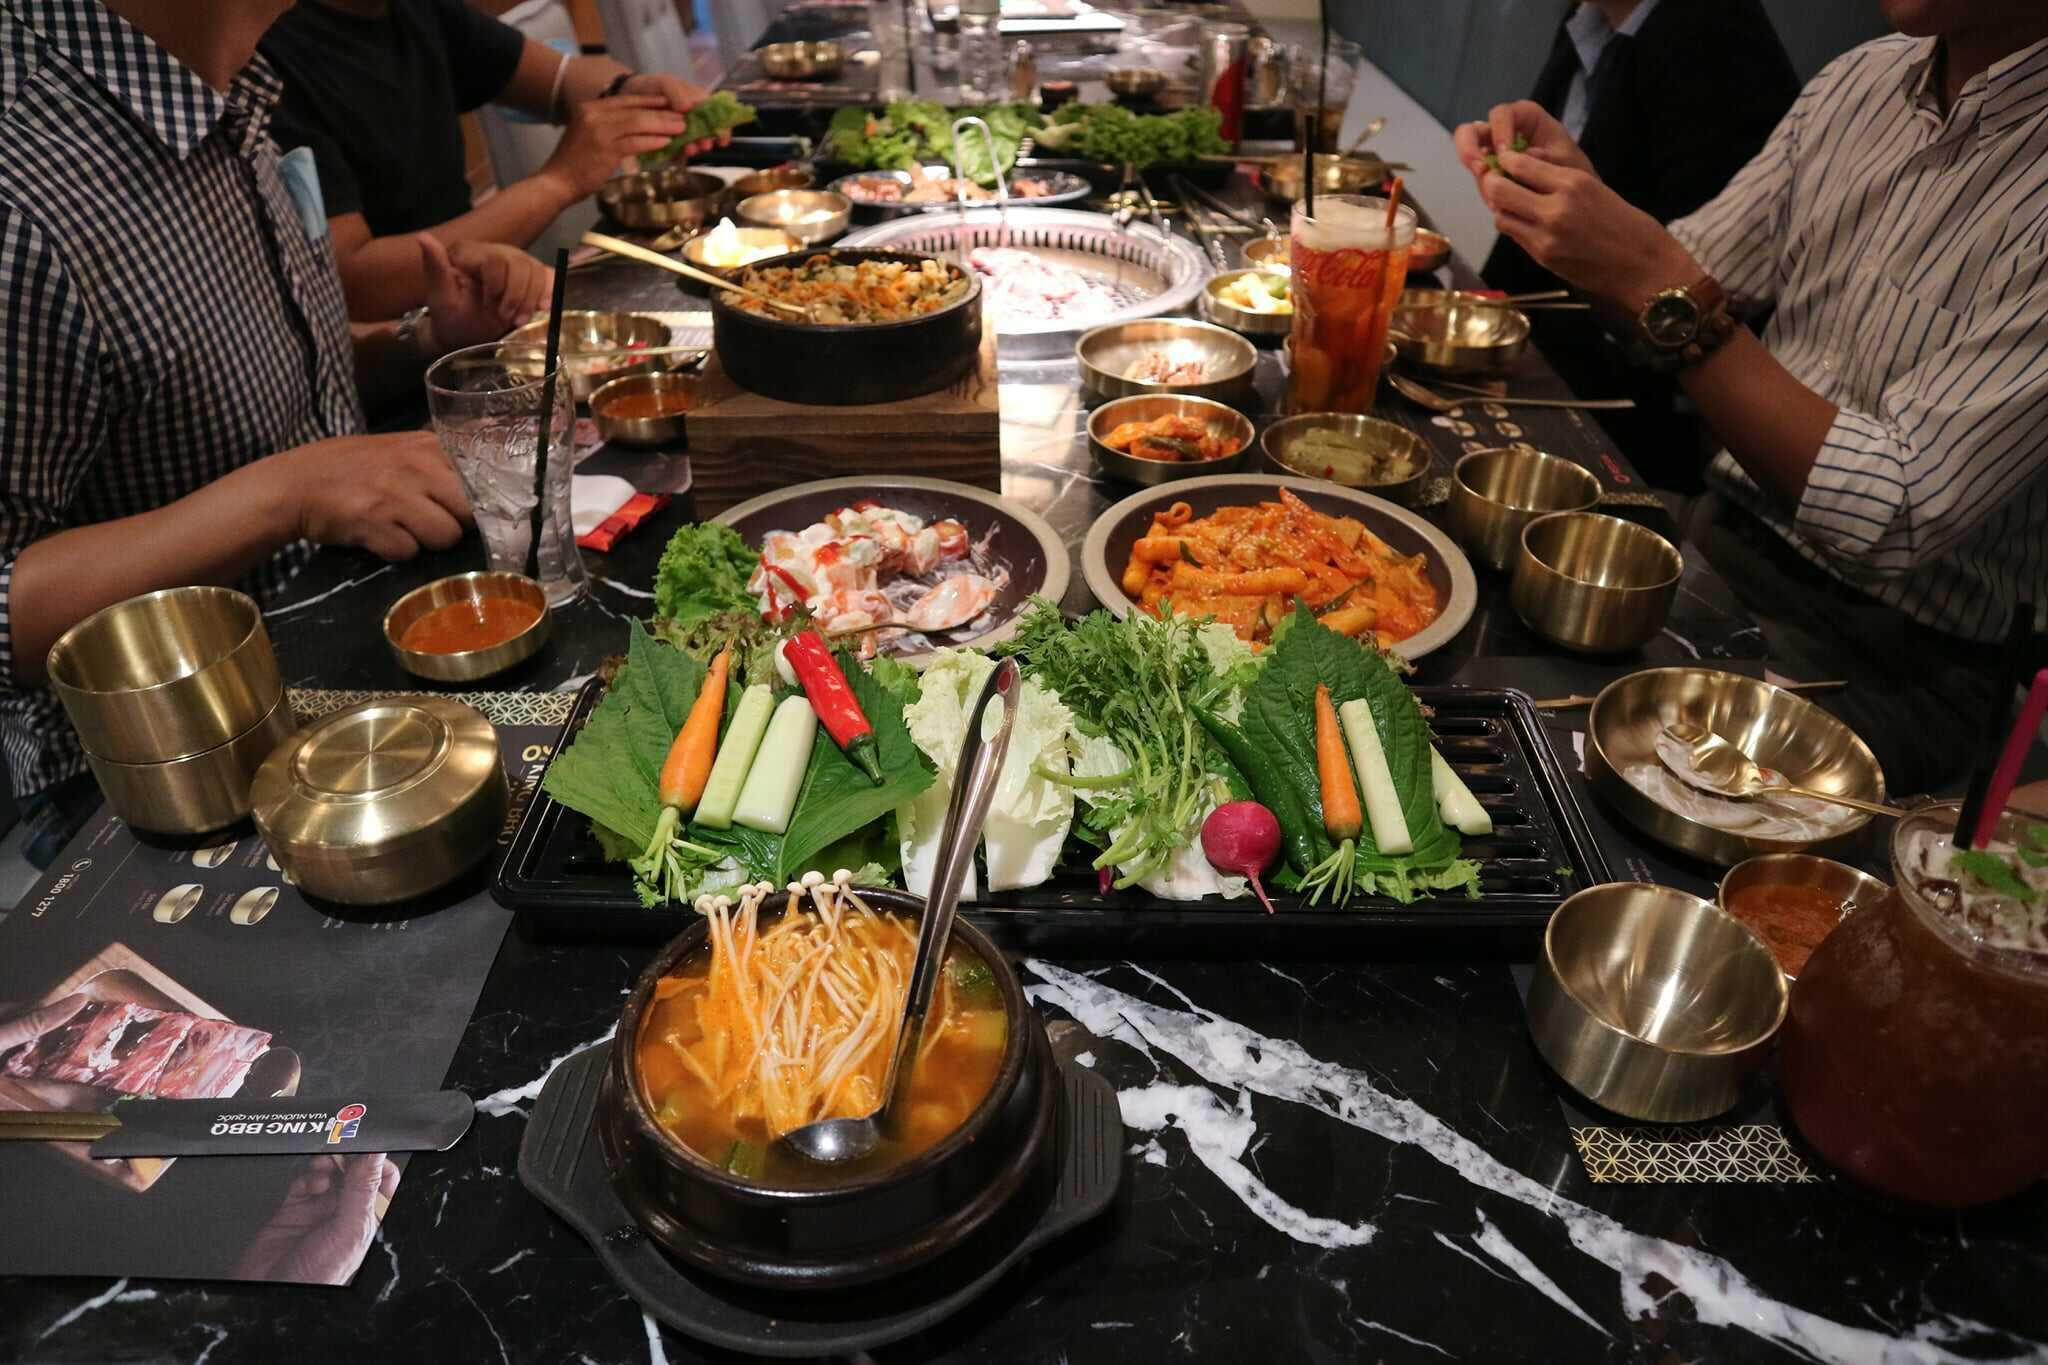 Top 10 Quán nướng ngon ở Gò Vấp giá rẻ bình dân đông khách nhất